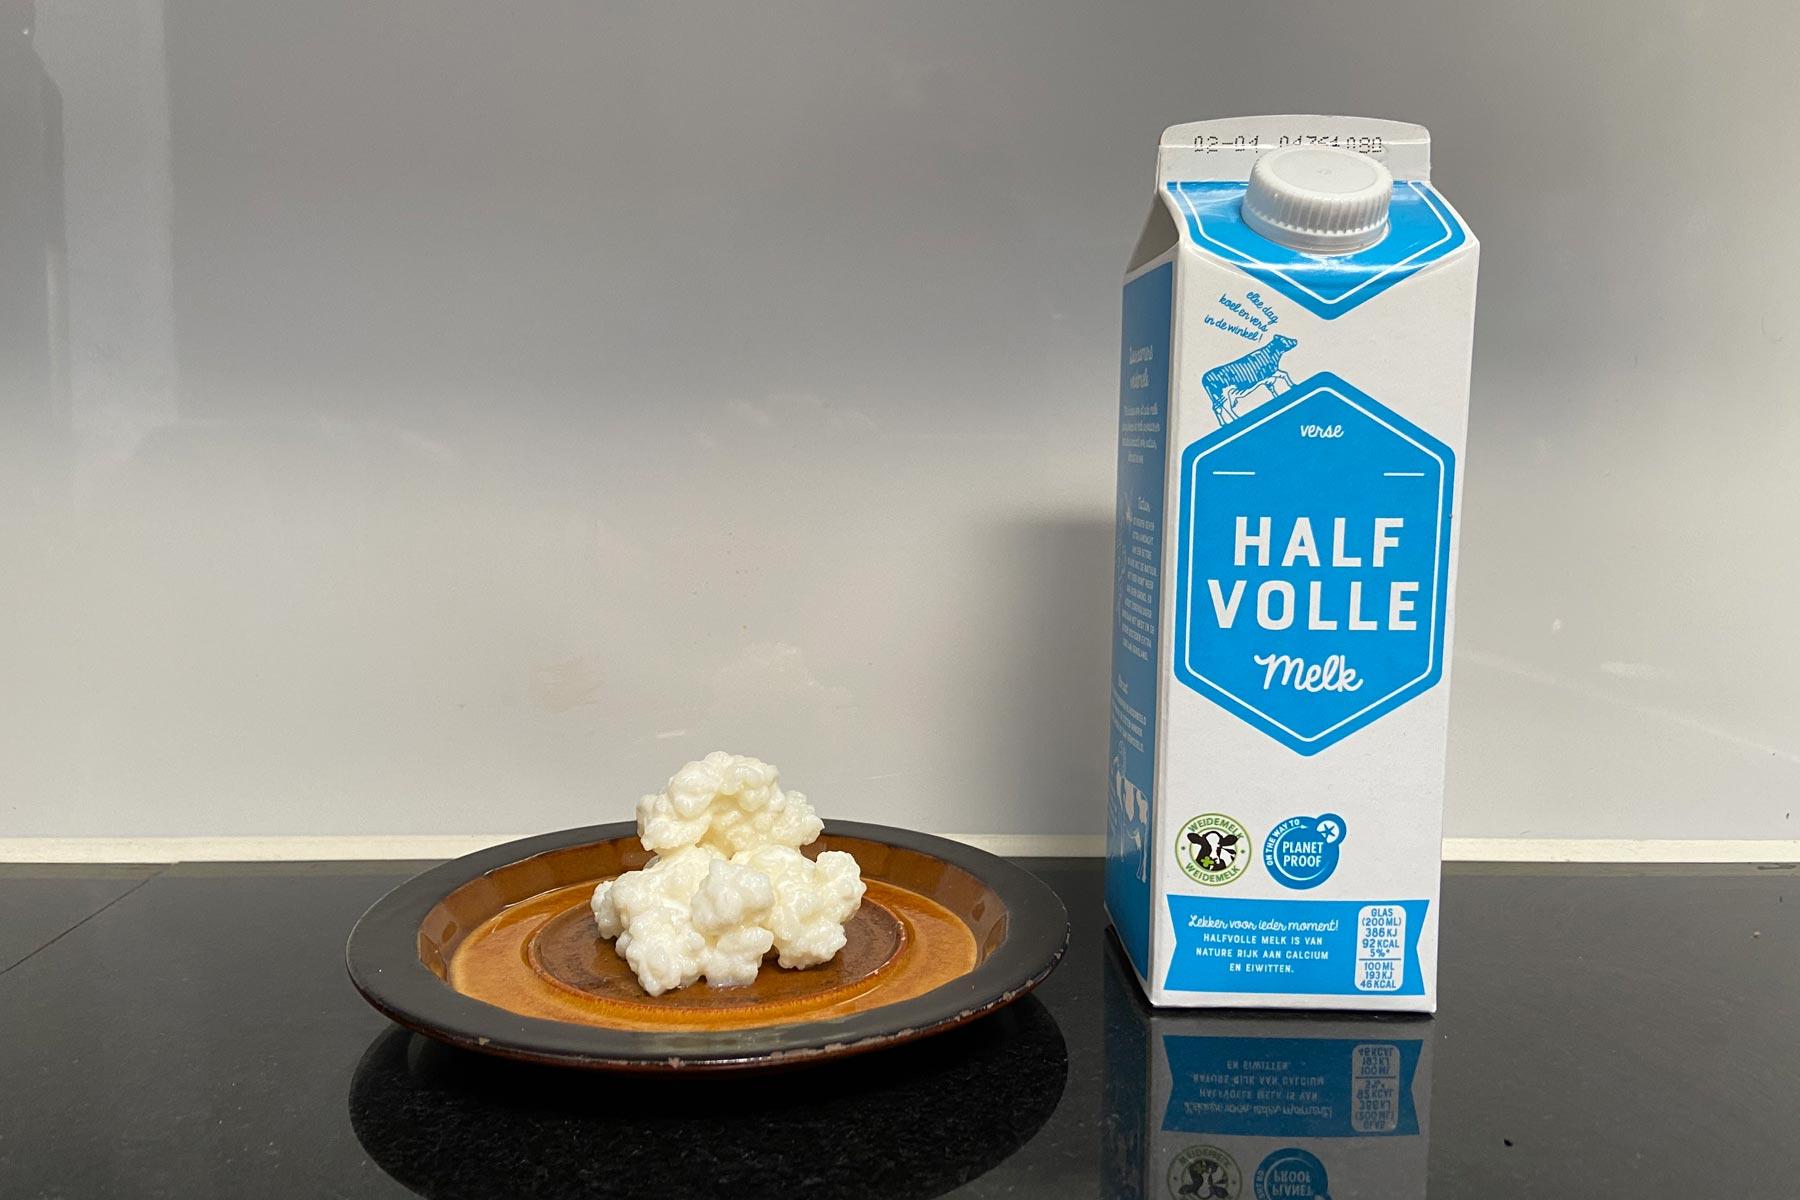 Melkkefirkorrels op een bruine schaaltje naast een flesje halfvolle melk.